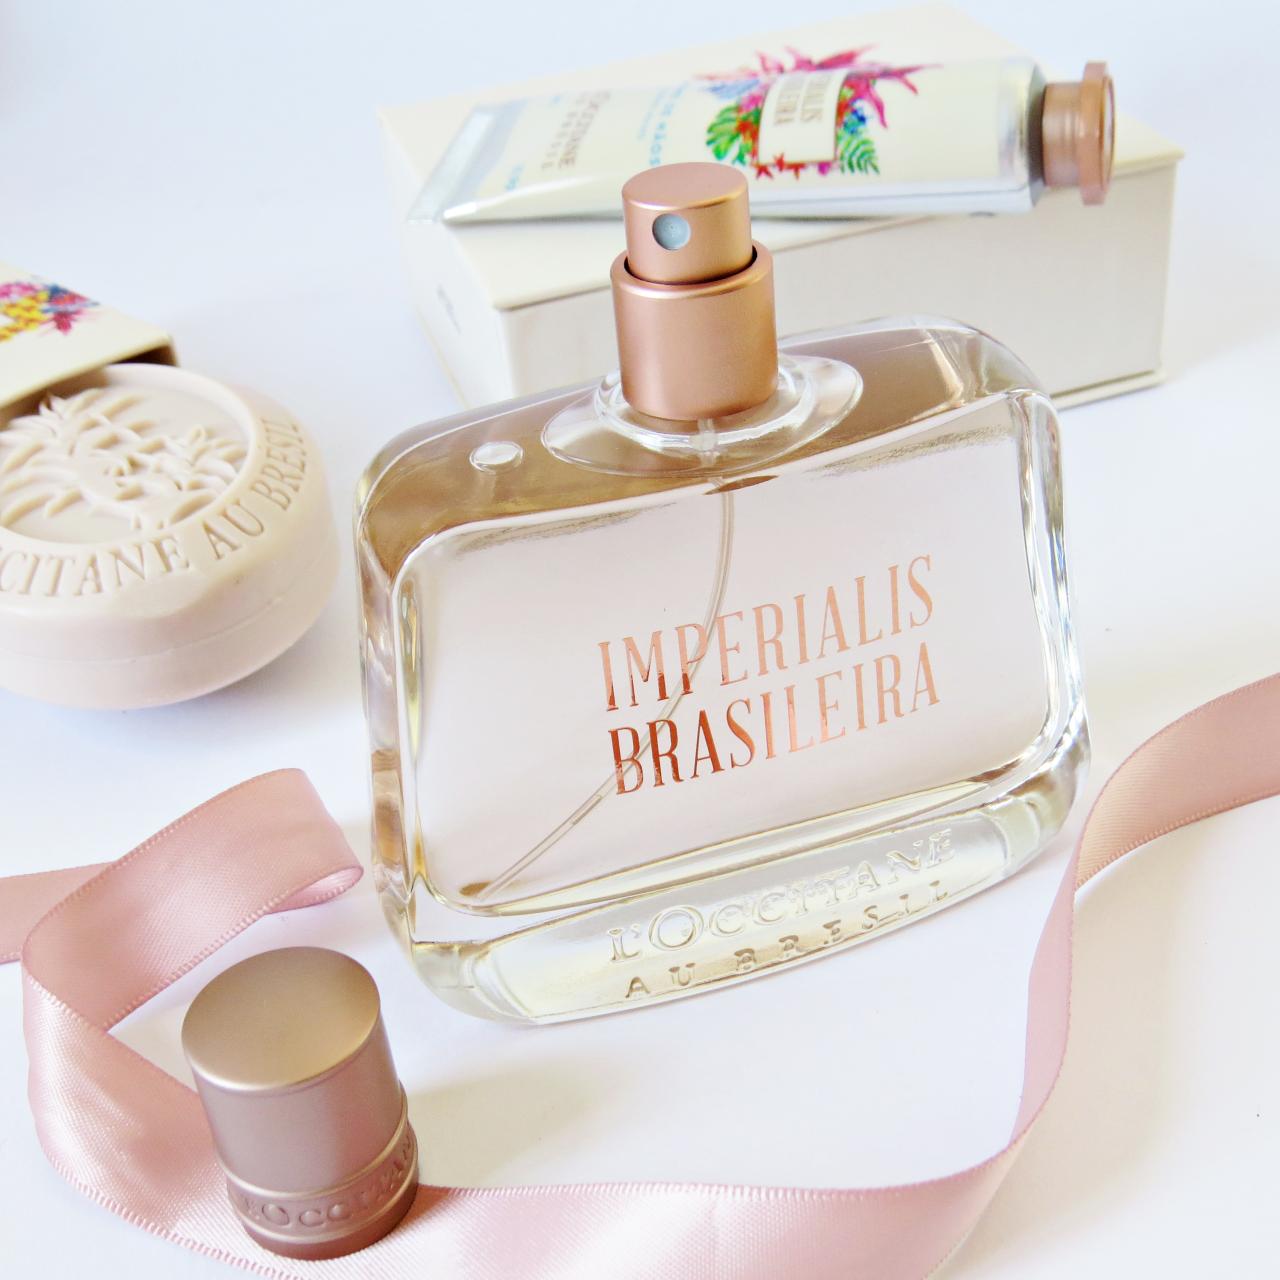 linha imperialis brasileira loccitane au bresil perfume com bromelia